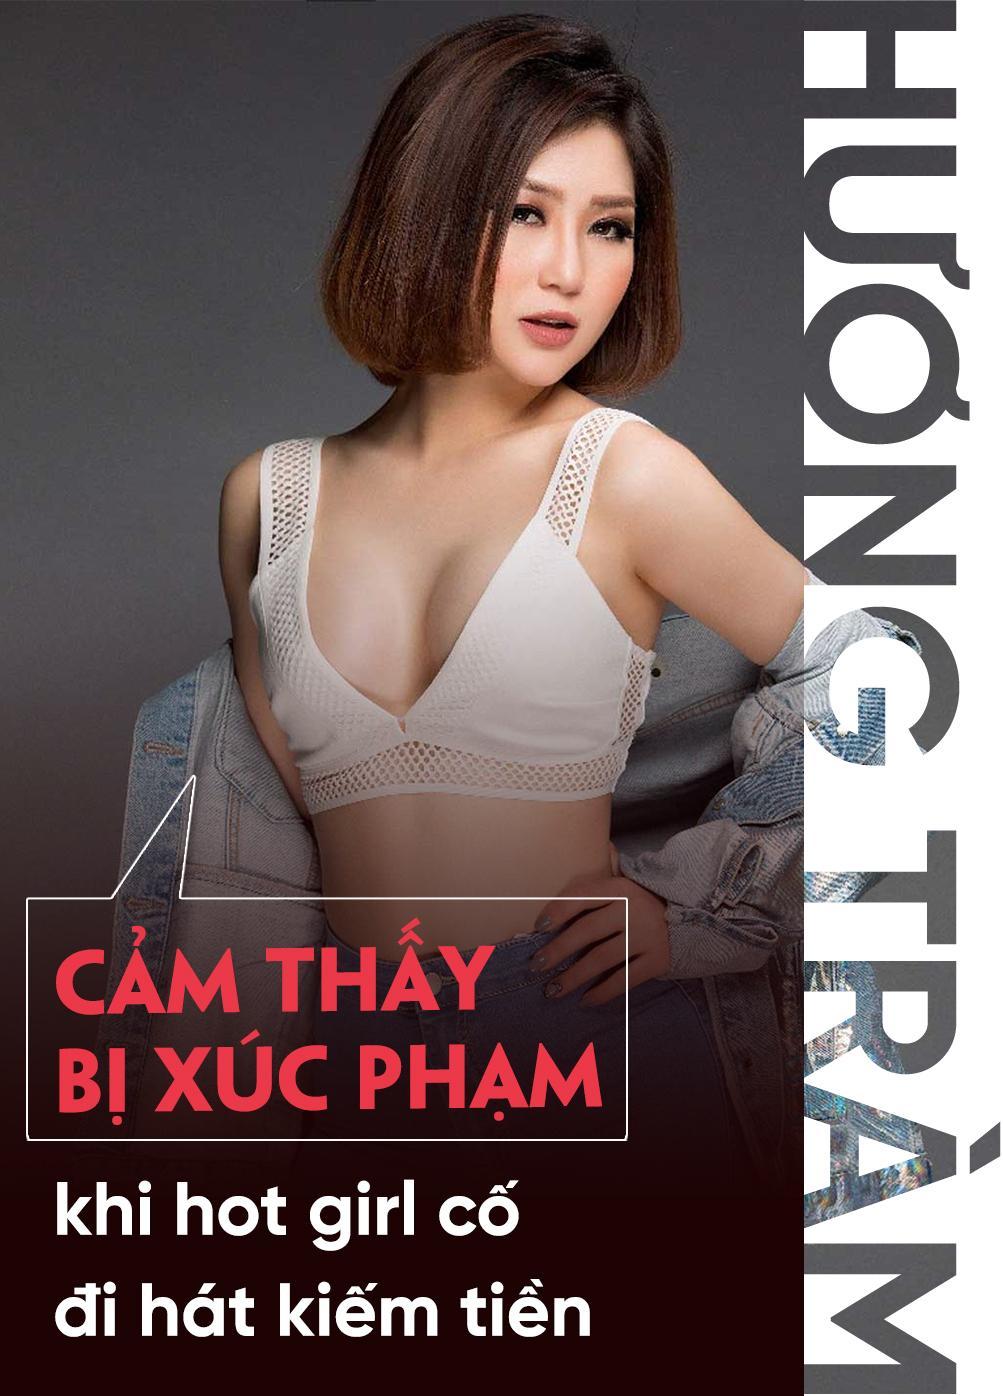 9 phát ngôn cuồng nhất của sao Việt gây shock năm Đinh Dậu 2017-3